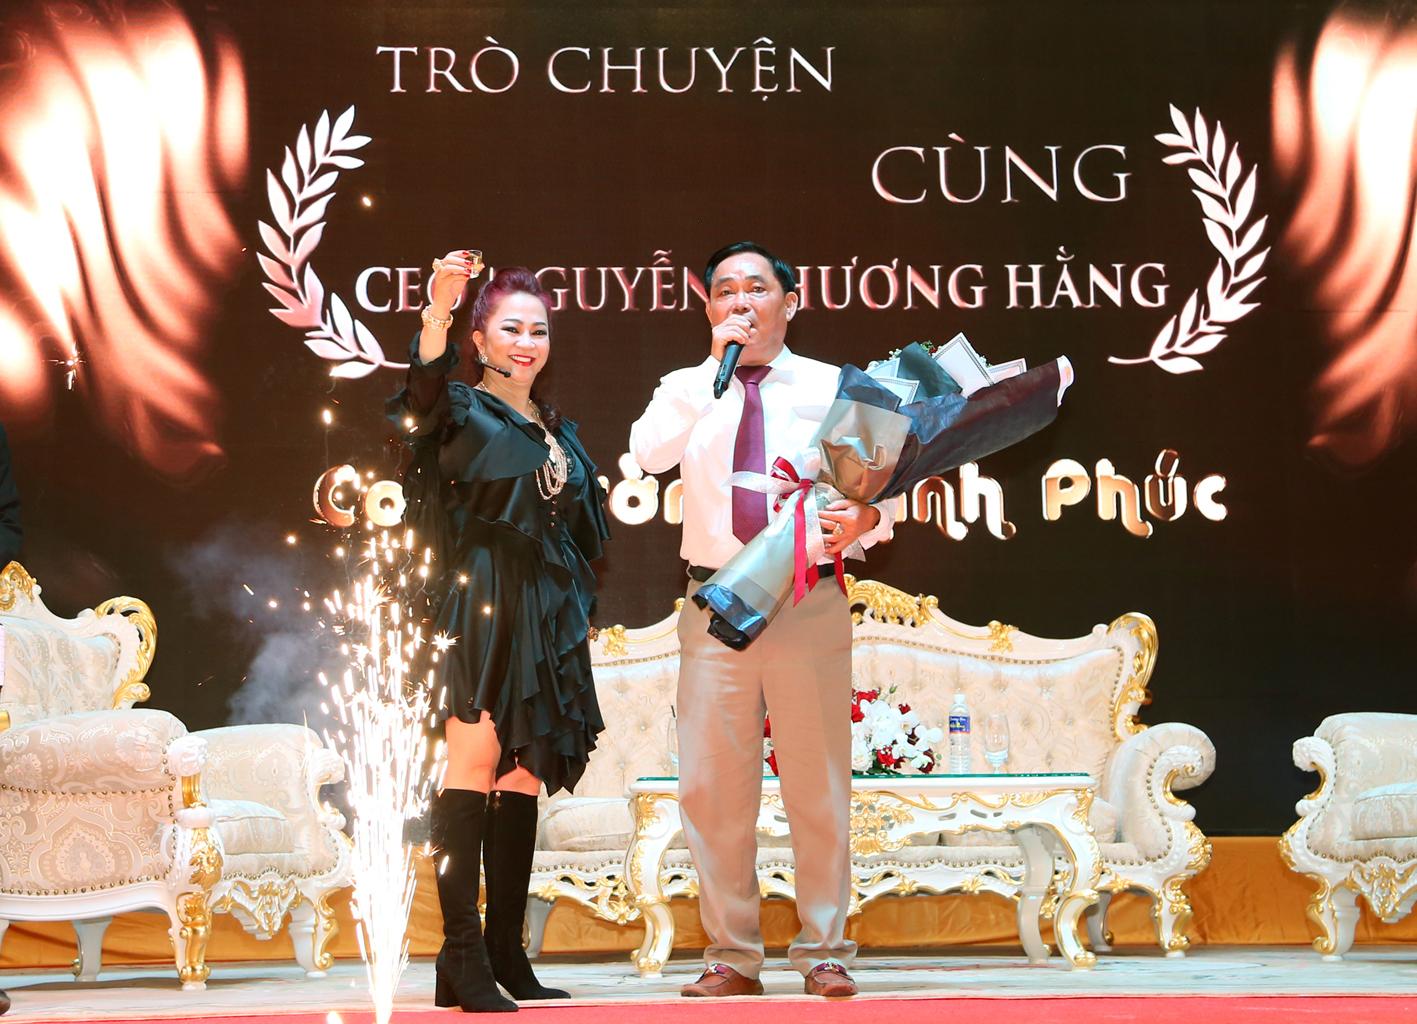 Bà Phương Hằng có style cực kỳ tinh tế, đẳng cấp không phải ở trang sức mà ở món phụ kiện nhỏ xinh này - Ảnh 10.